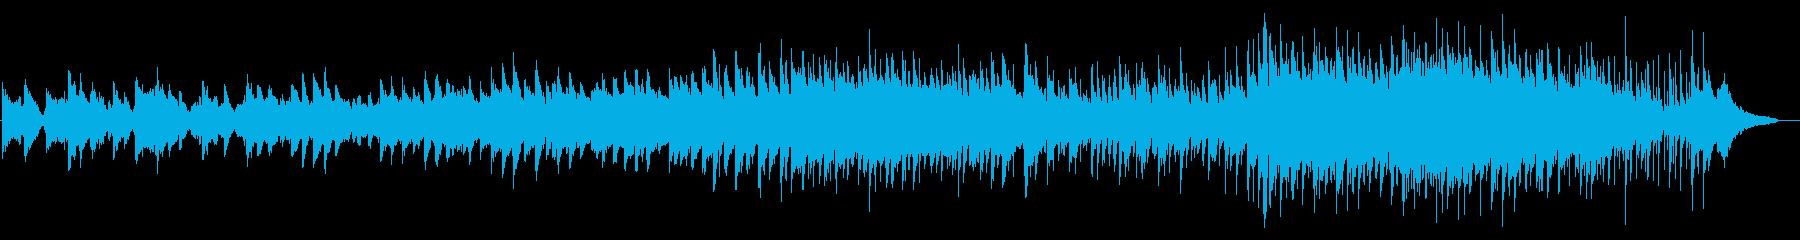 フルートとピアノが奏でるバラードの再生済みの波形